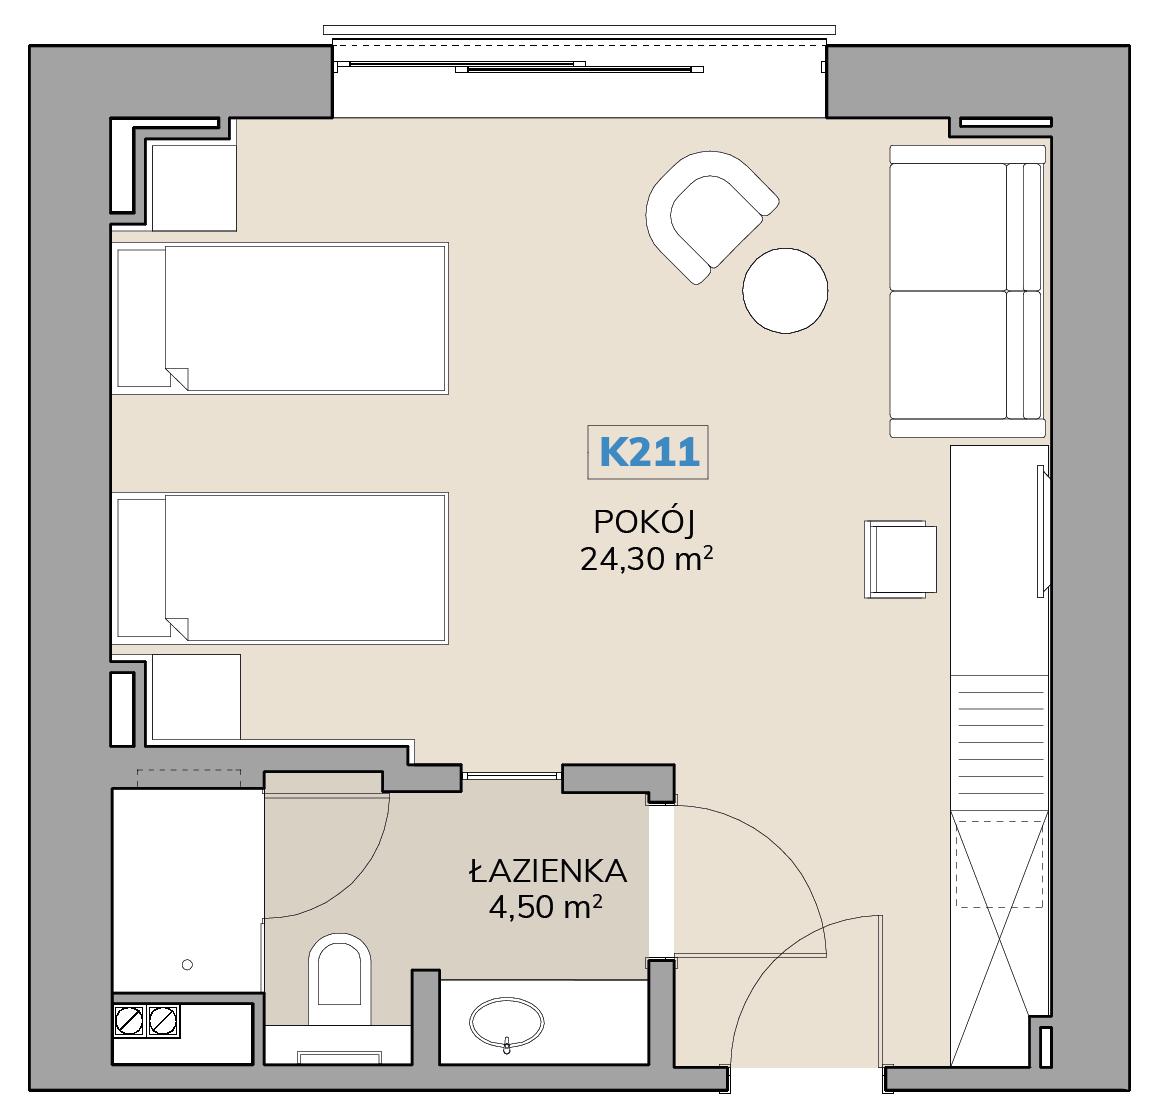 Apartament K211